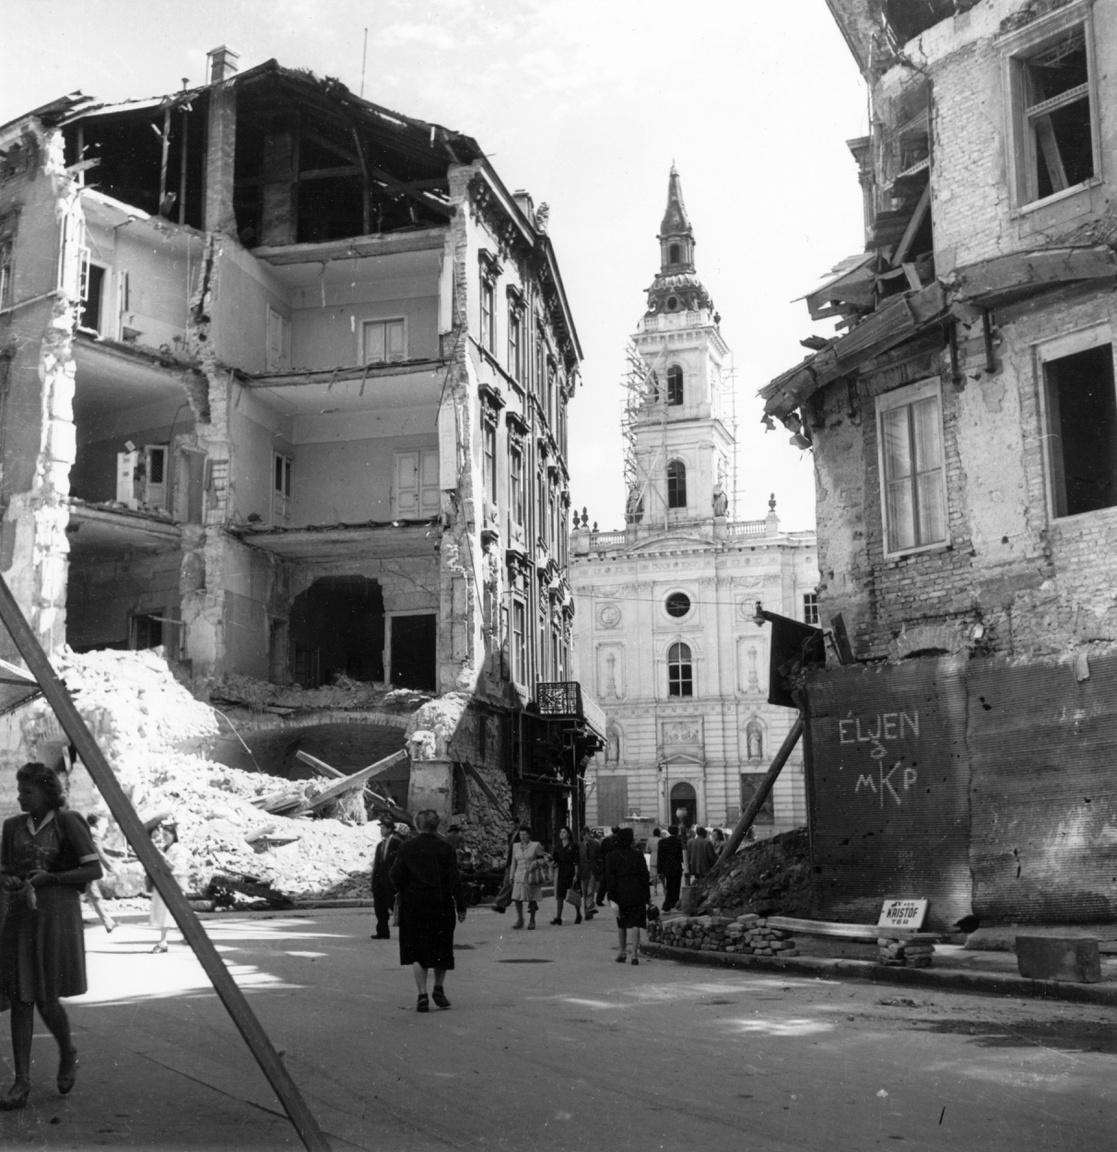 """Az éljen a Magyar Kommunista Párt feliratának erős kontrasztot ad a háttérben lévő szervita templom. Mindez a belvárosban, 1945-ben. Kissé furcsa, hogy az üzenetet propagáló forma csupa nagybetűvel írta az éljent, kissé megzavarodott az """"a"""" betűnél, aztán az MKP-nál a """"k"""" óriási lett végül. Vallásosabb lelkületűek beleláthatnak egy eléggé elszúrt krisztogramot is ebbe, ami nagyjából egy X ( a görög khi) és egy P (ró) egyben. Vagy valami máriás jelmondat rövidítését. Mindenesetre az épülő templom mellett ez a nehezen összehozott felirat mondjuk egy külföldinek sokkal inkább tűnhet valami jámbor egyházi üzenetnek, mint a gyilkos diktatúra hírnökének."""